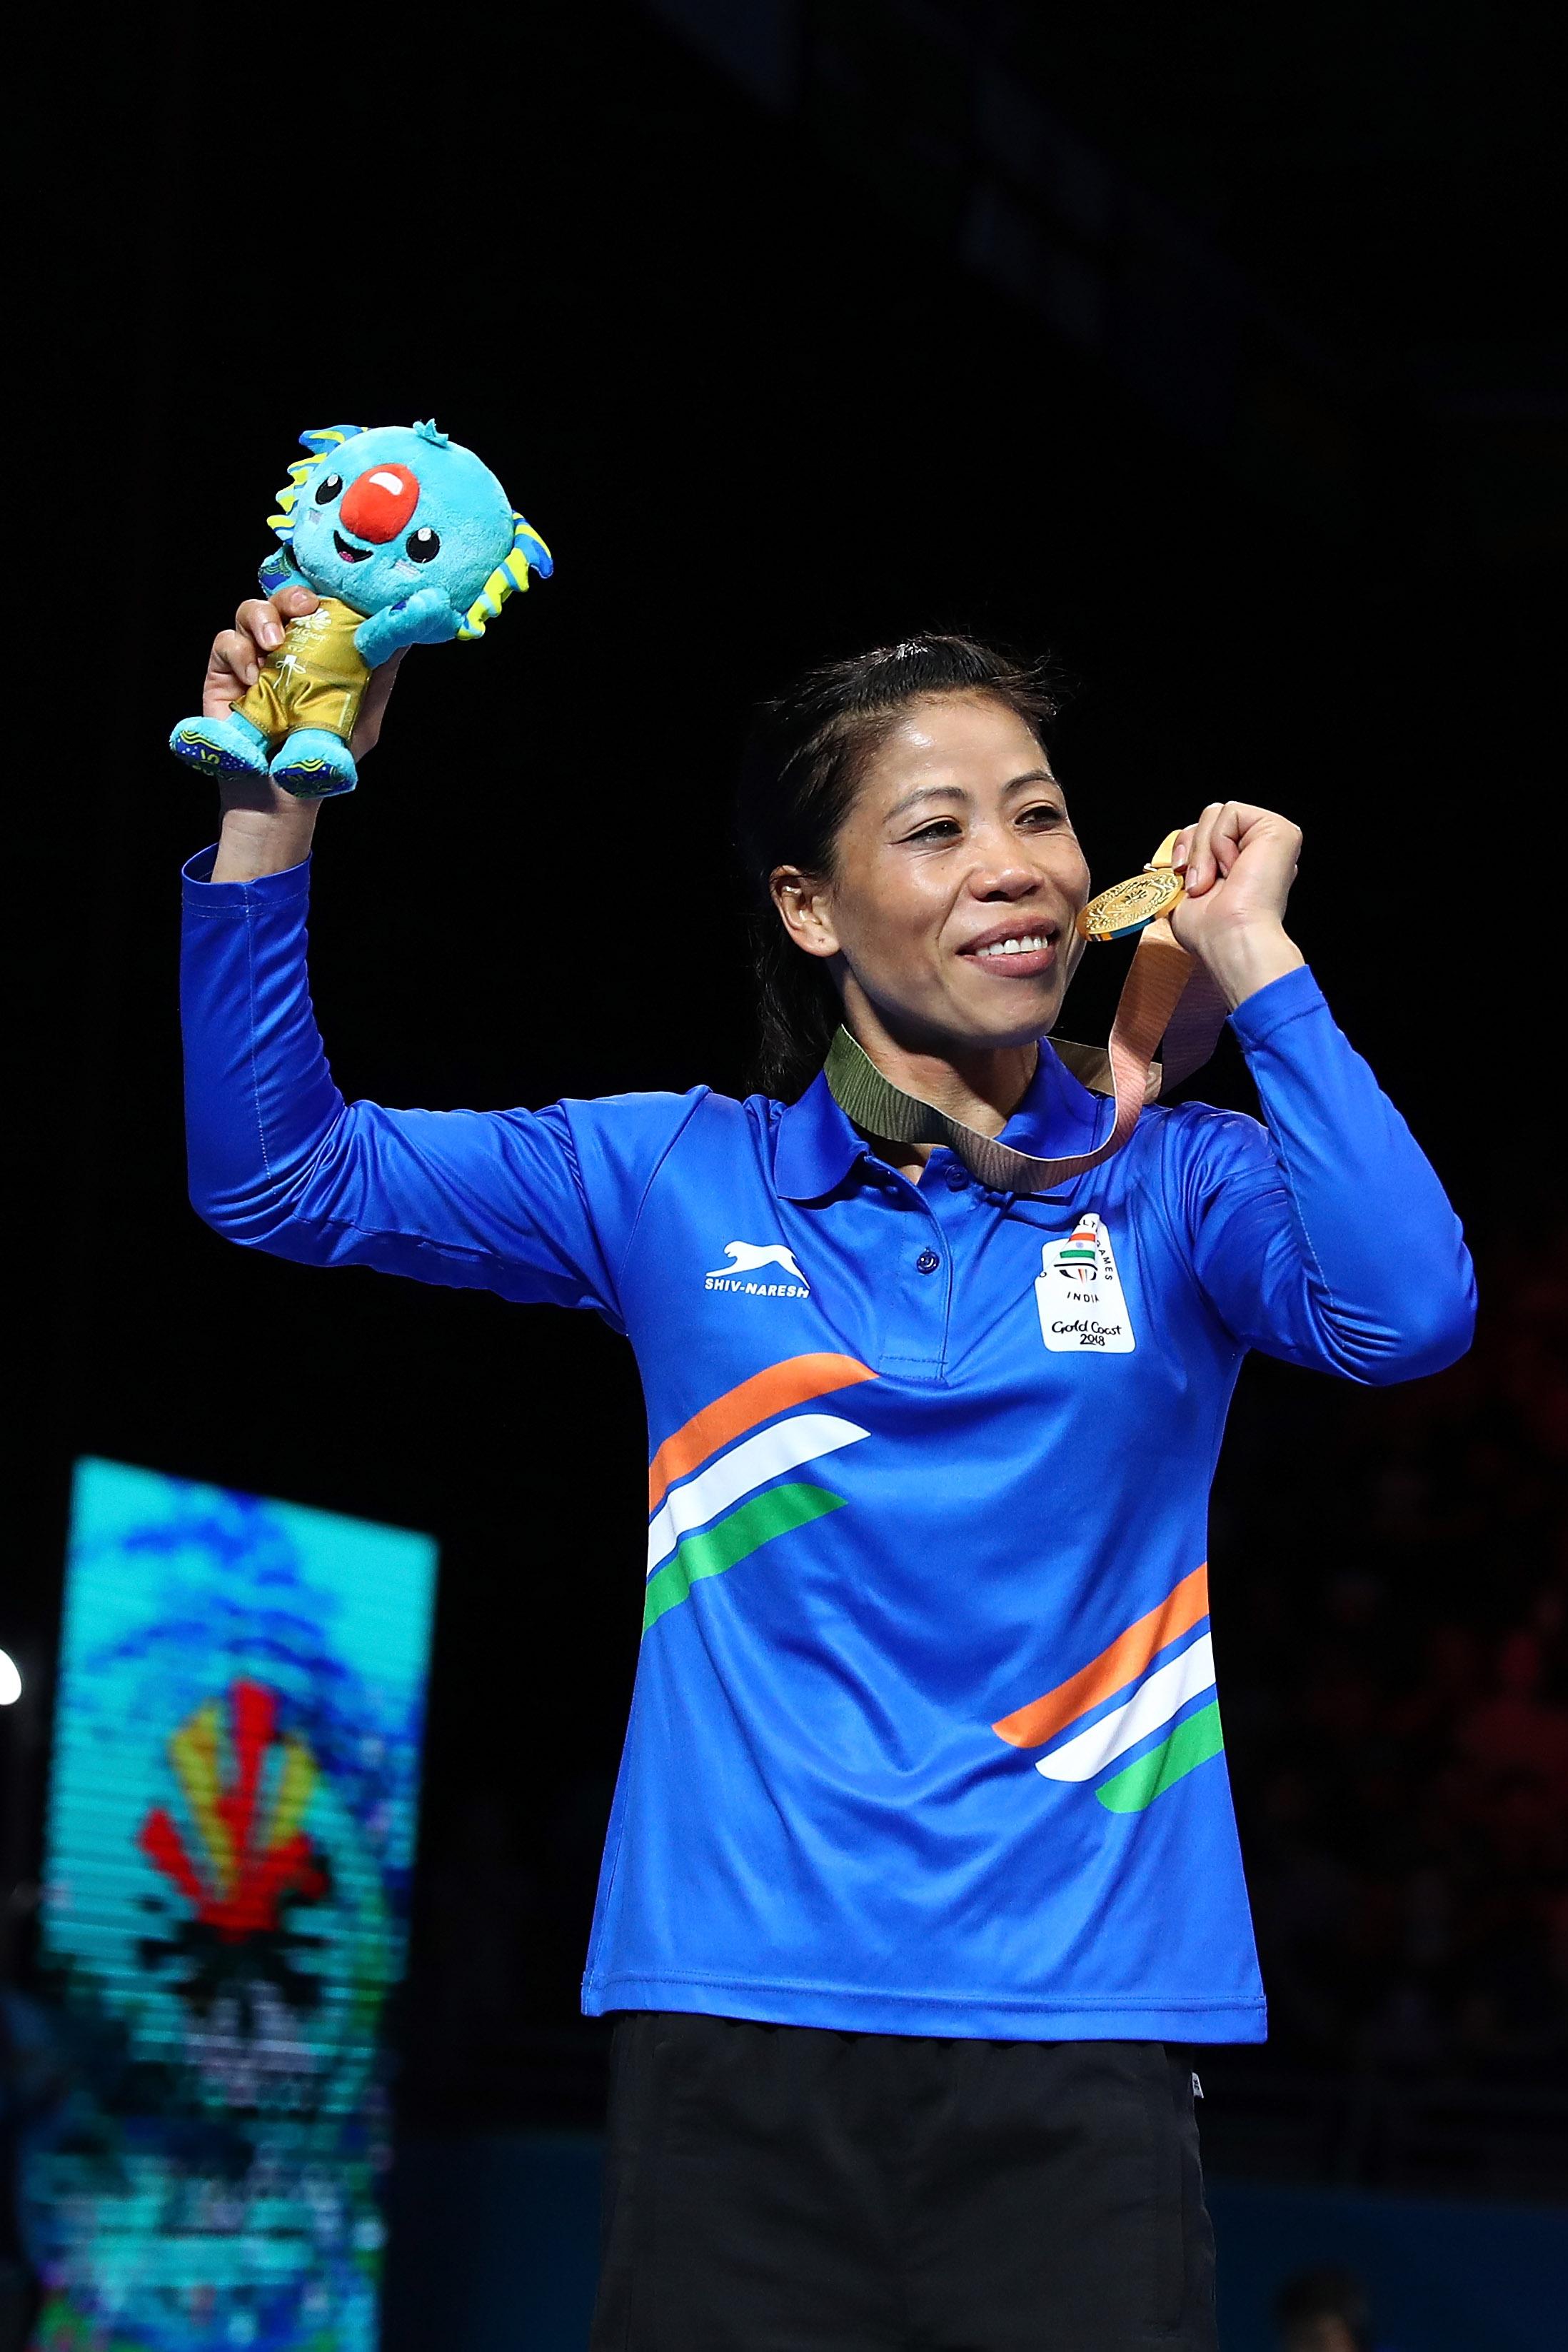 インドの英雄メアリー・コムは2018年、8年ぶりに世界選手権を制している